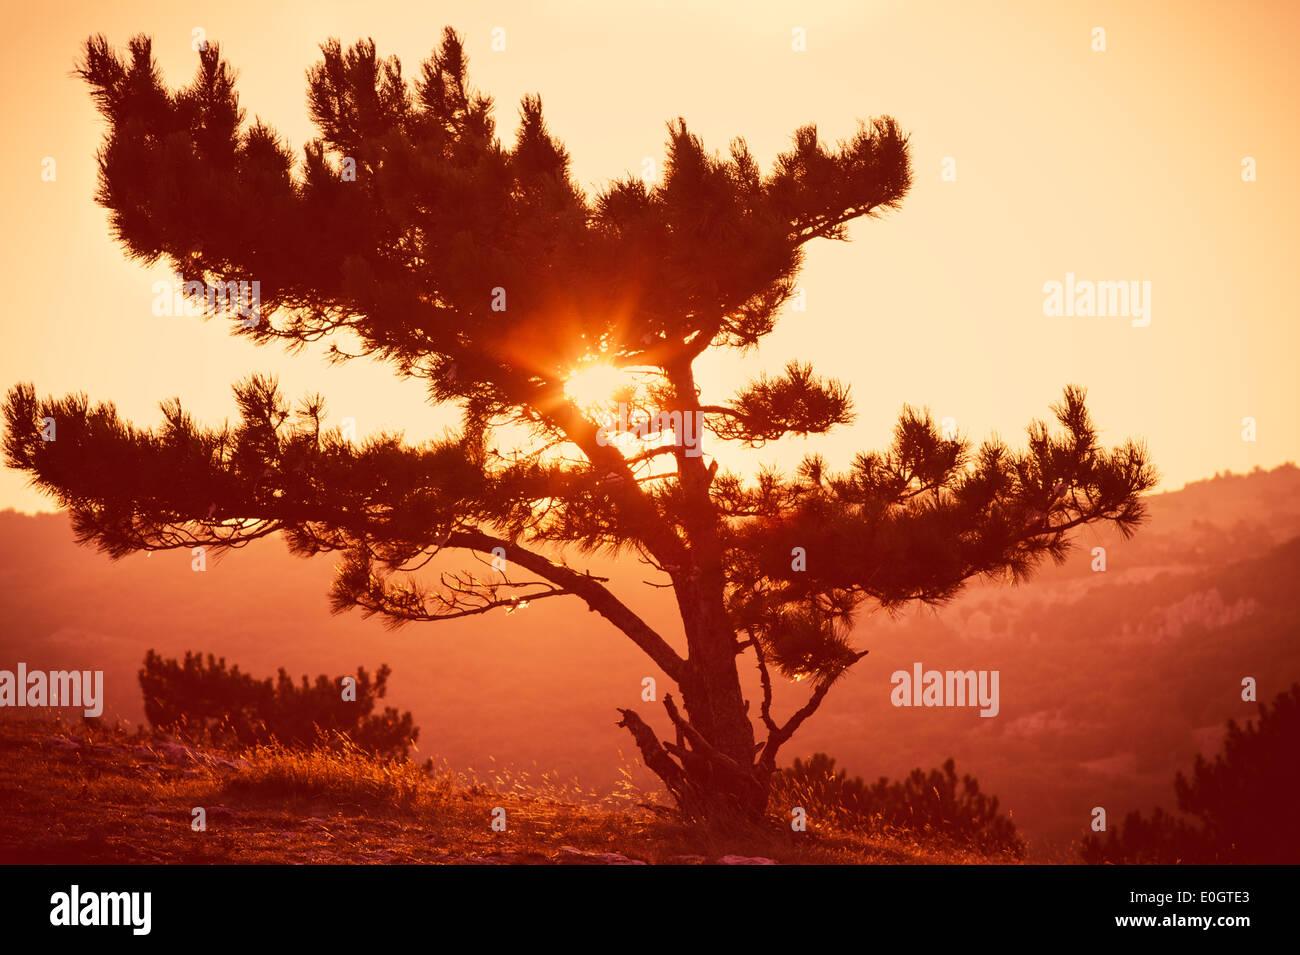 Árbol solitario en la montaña hermosa puesta de sol paisaje Imagen De Stock